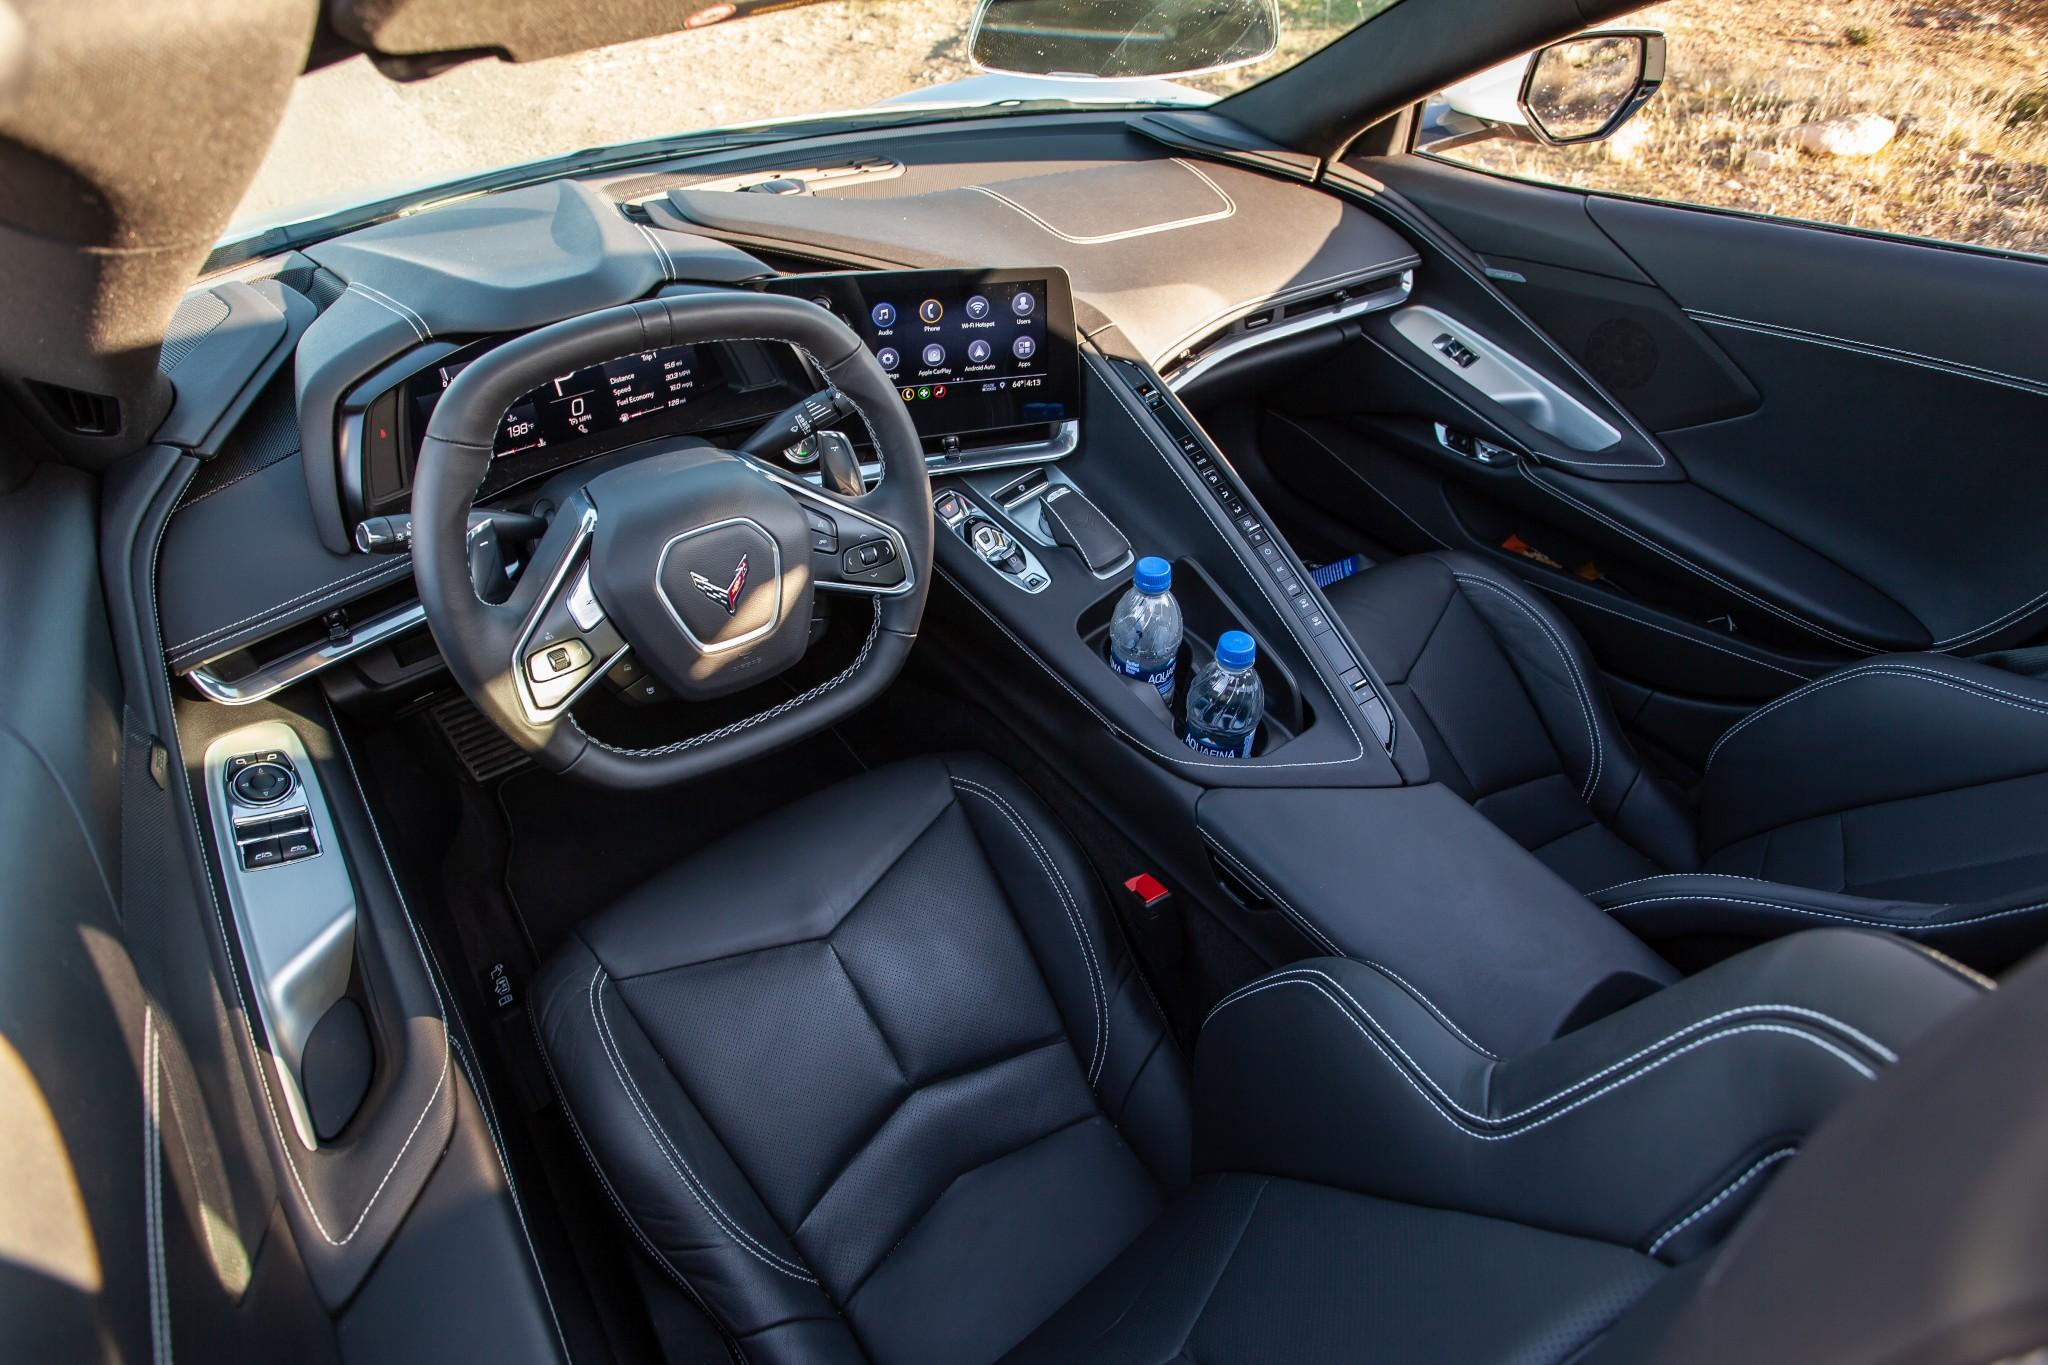 chevrolet-corvette-stingray-2020-14-front-row--interior.jpg